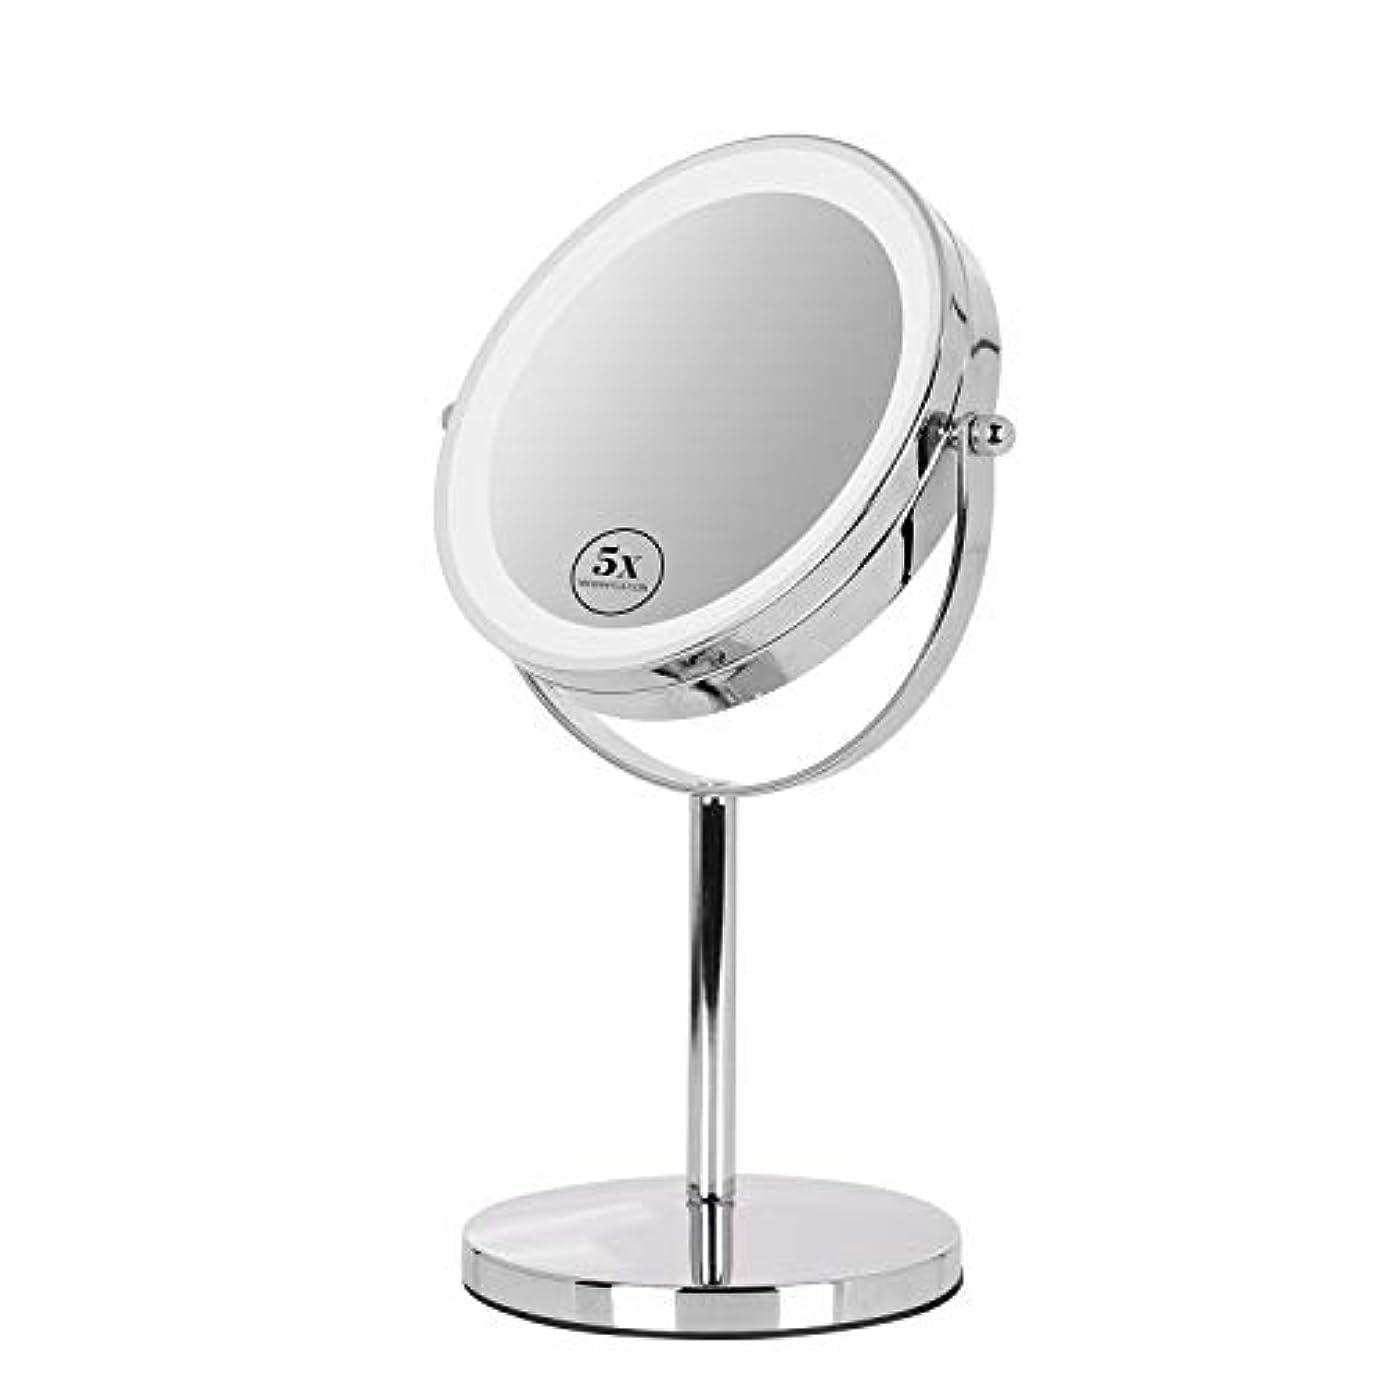 欲望郵便権限を与える卓上ミラー 鏡 化粧鏡 LED付き 真実の両面鏡DX 5倍拡大鏡 360度回転 卓上鏡 鏡面Φ165mm